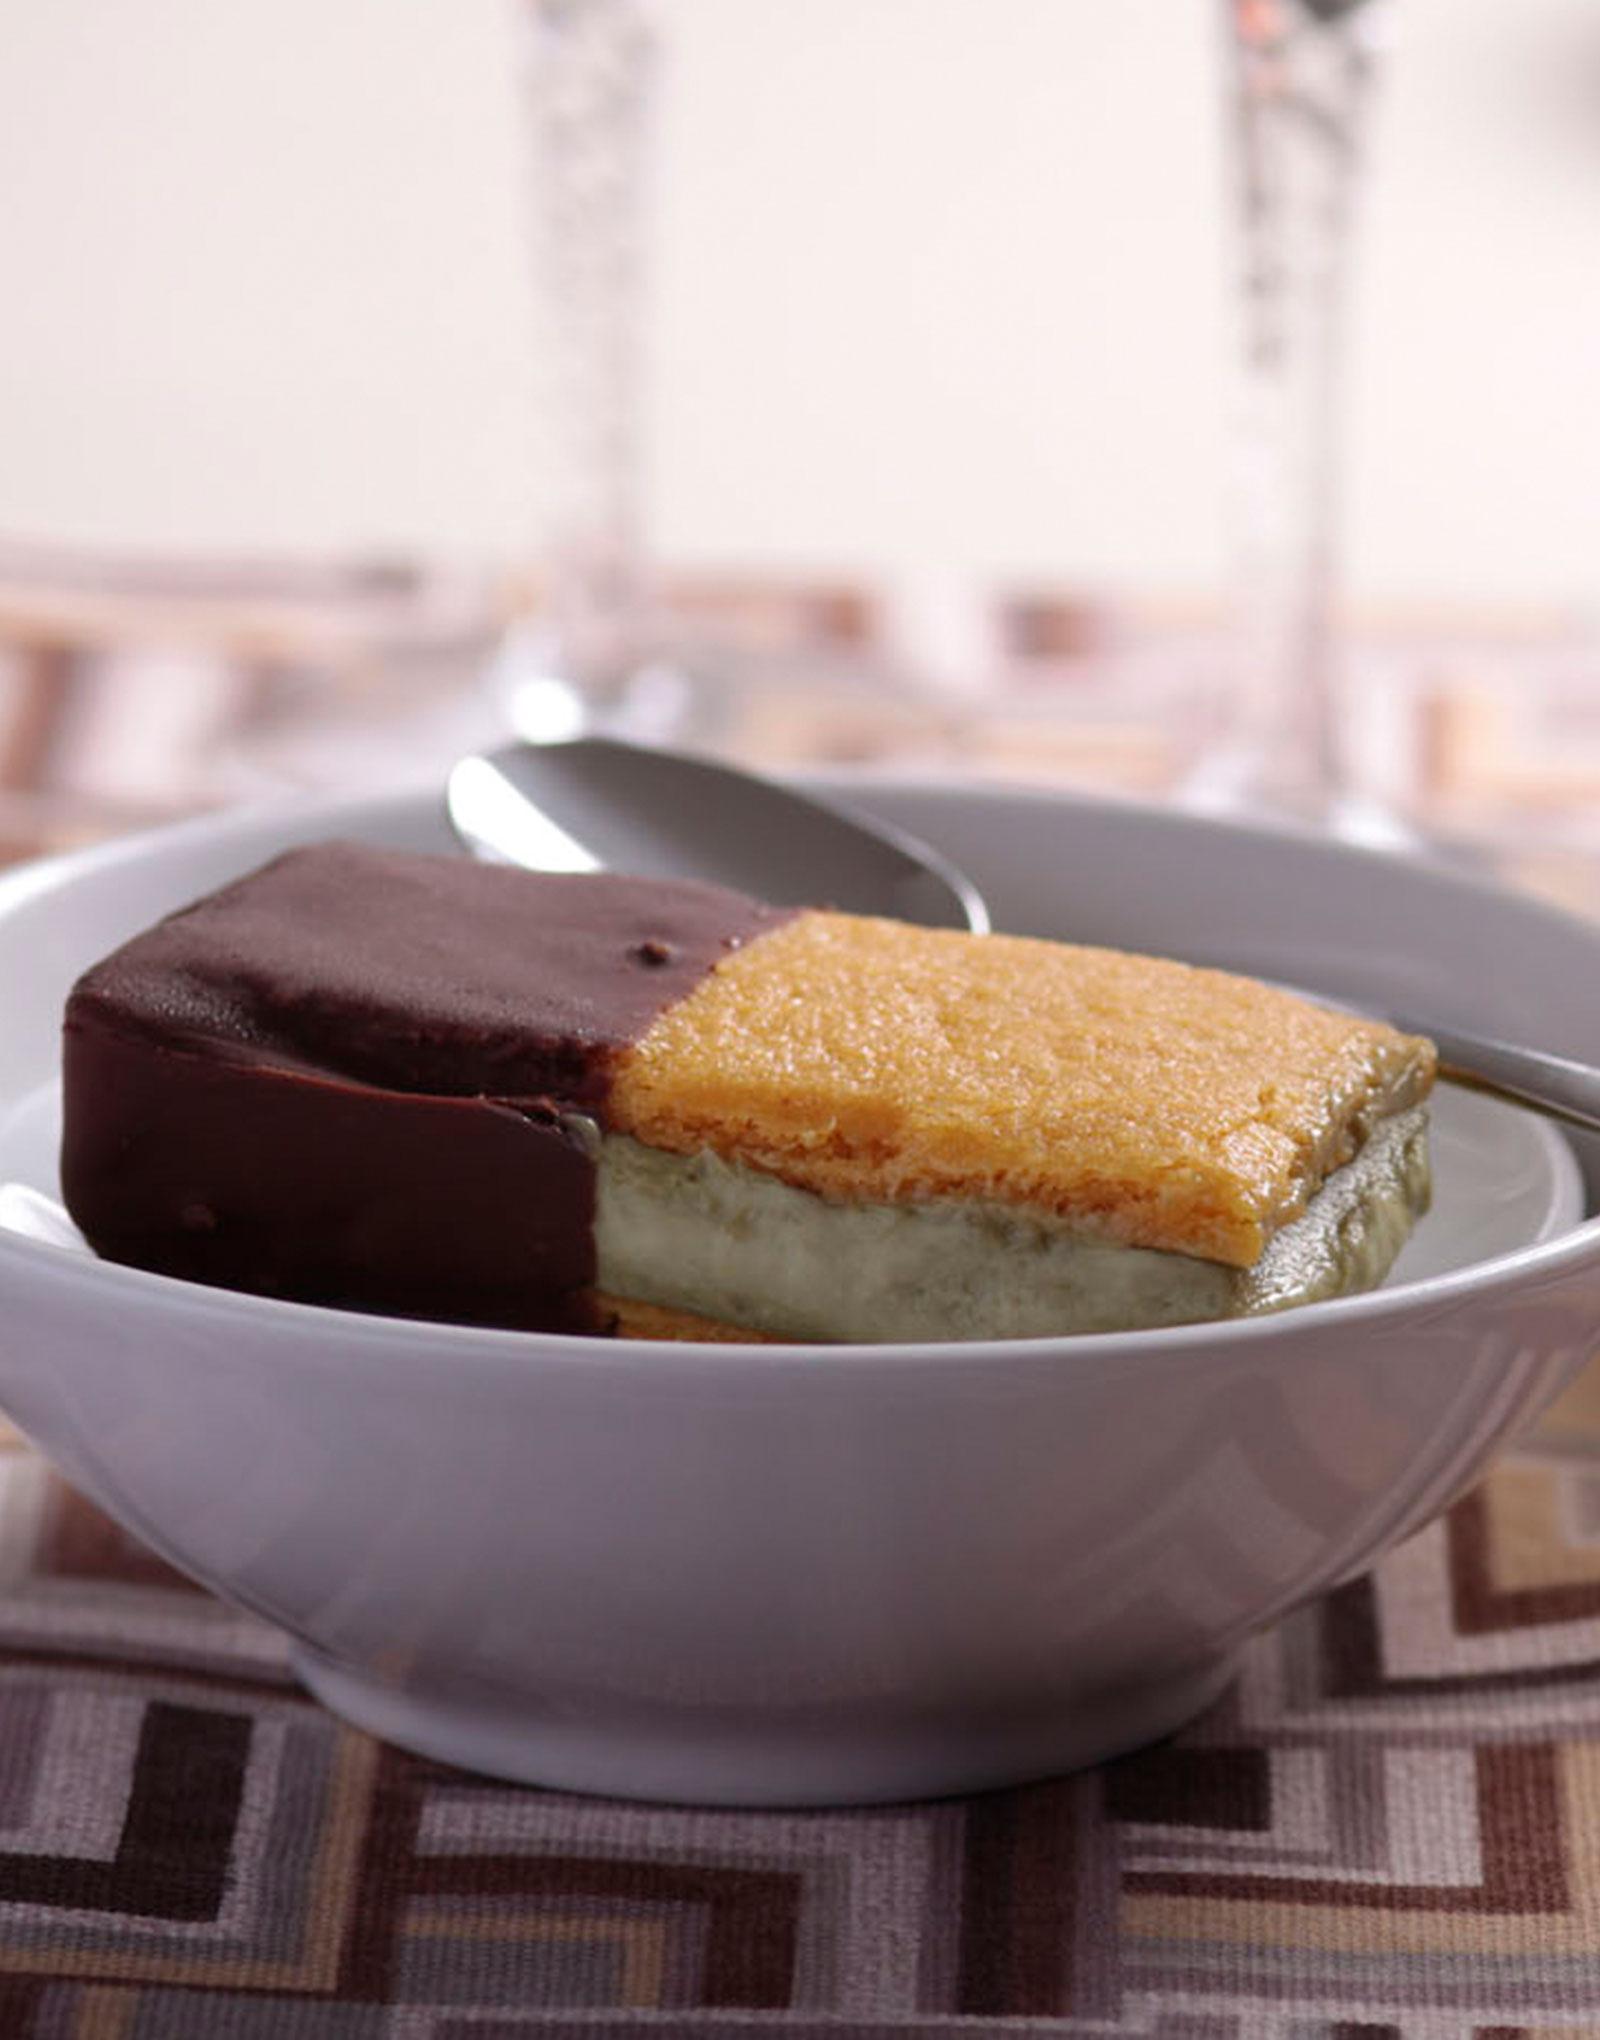 Tesorino (pistacchio) biscotto gelato